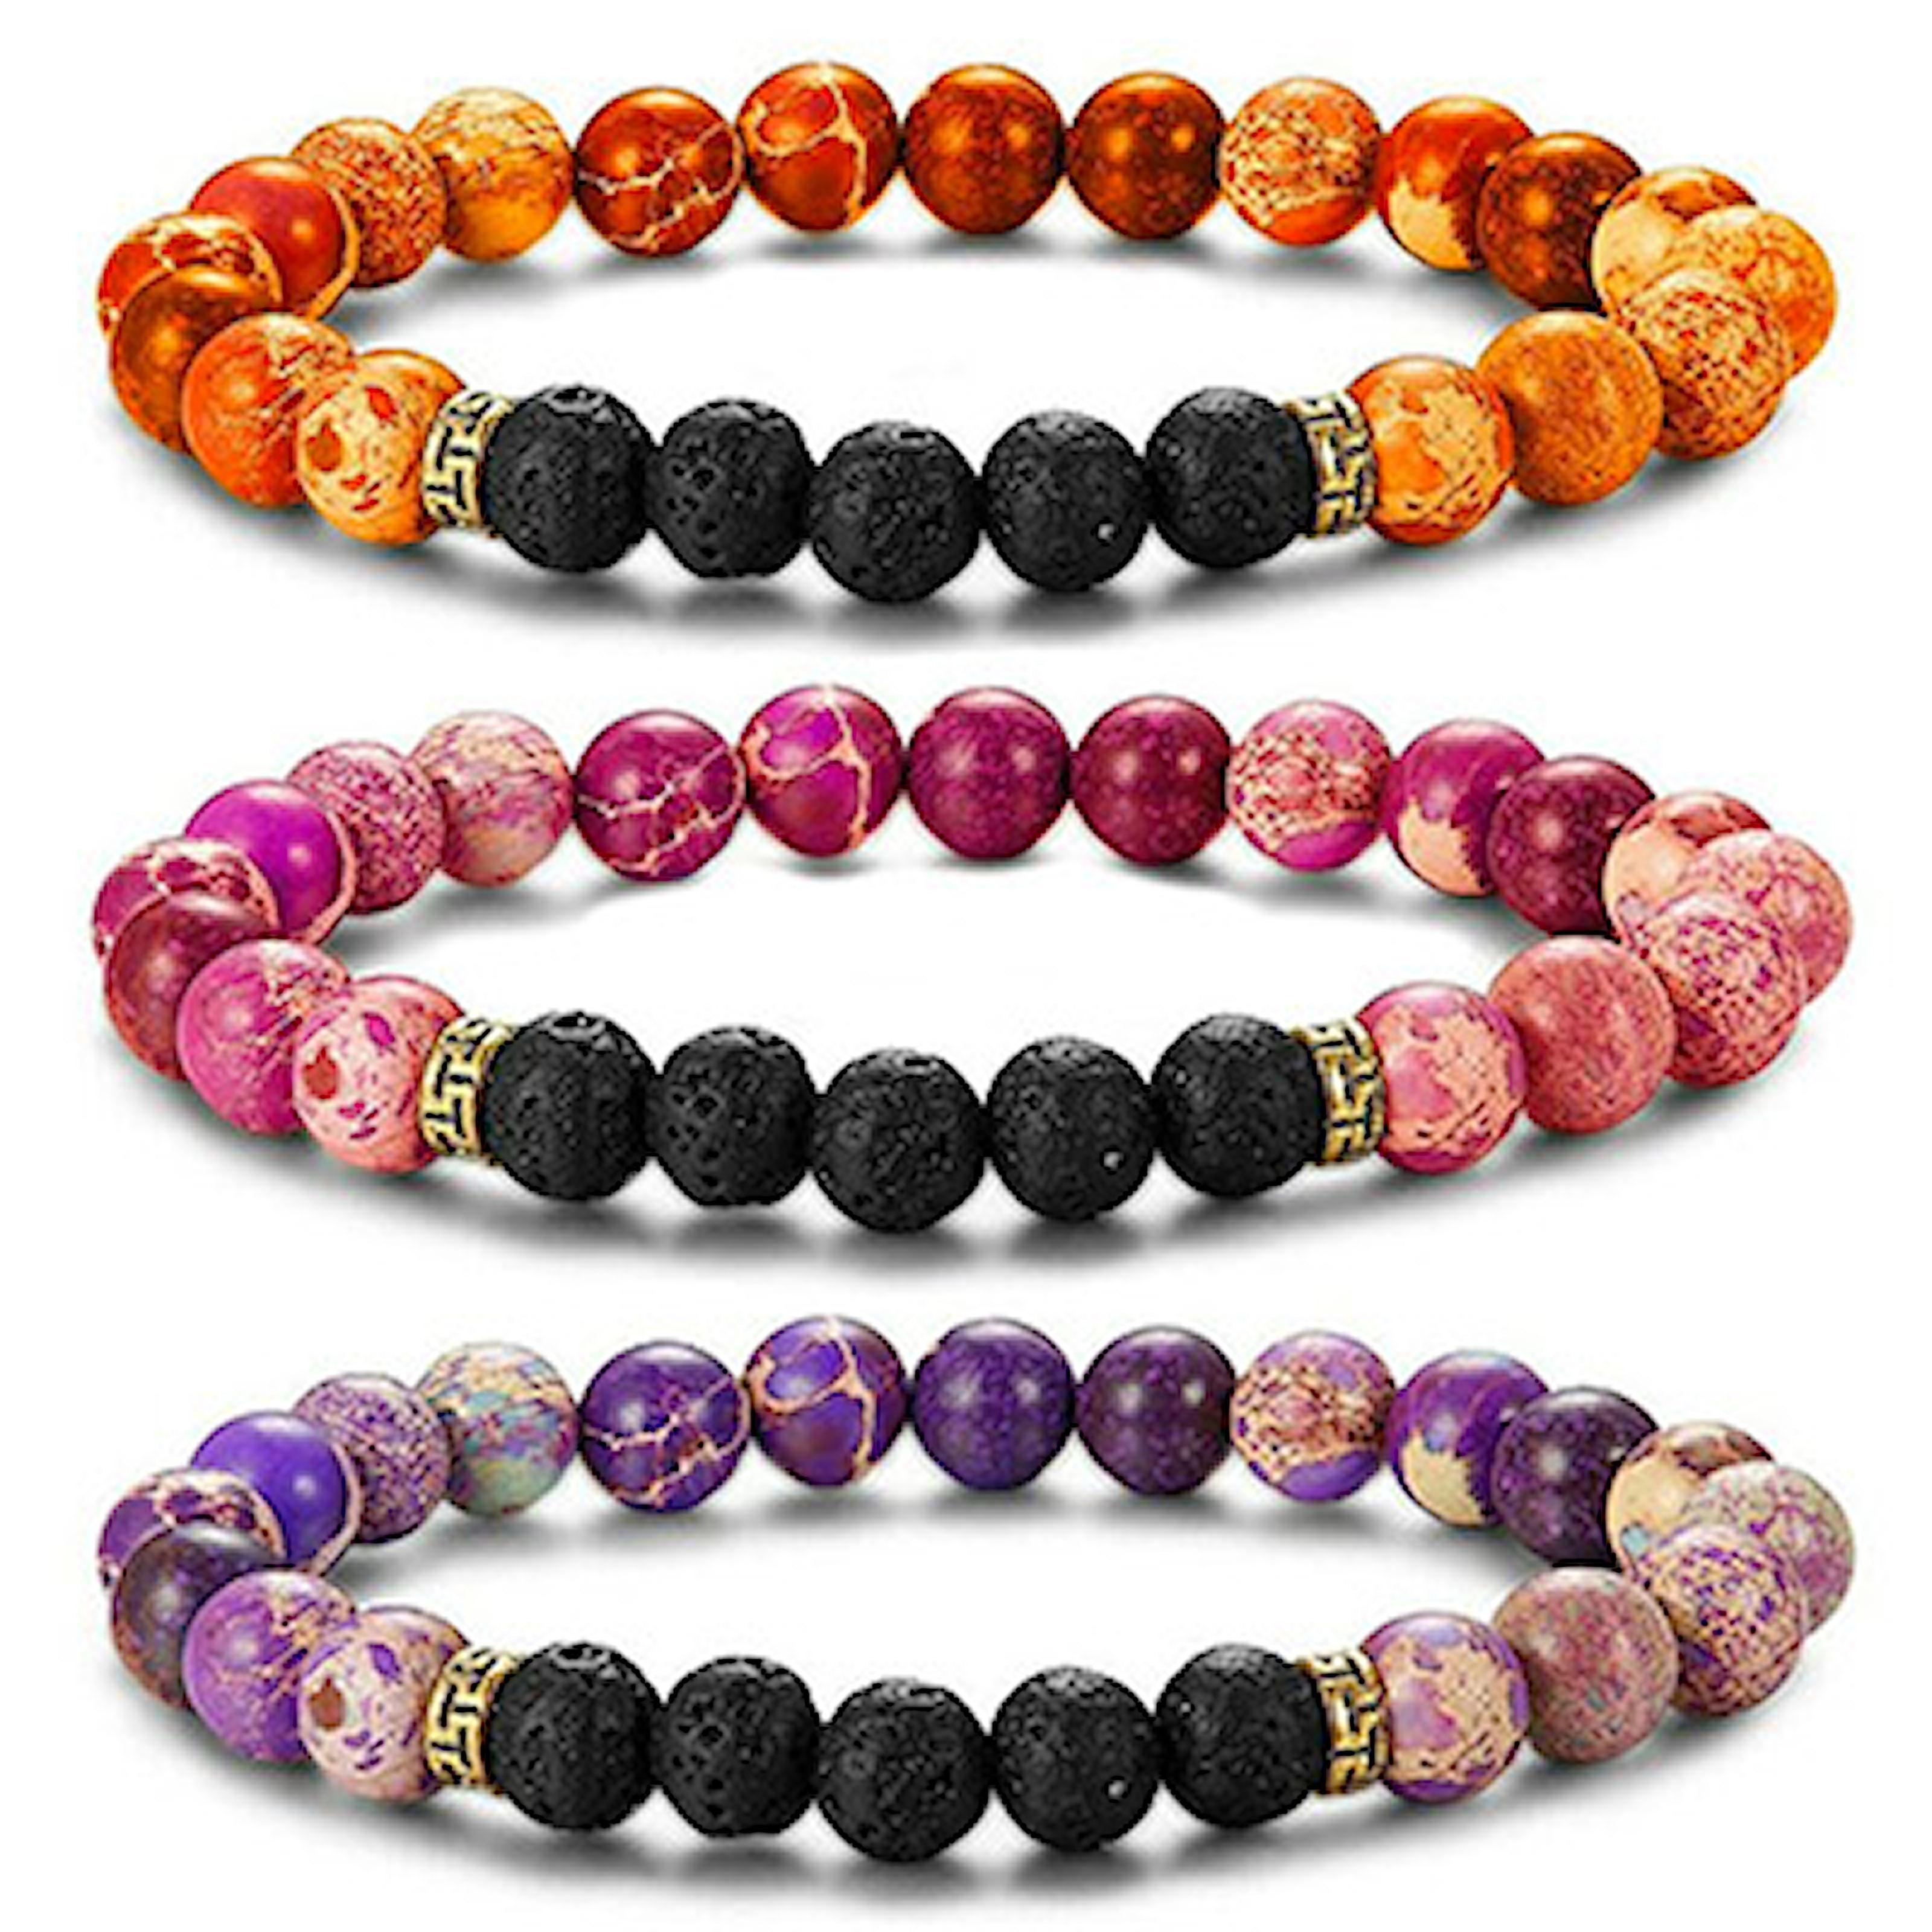 2, Bracelet Volcanic Stone, 3-Pcs, 3-pack armband med vulkaniska stenar, ,